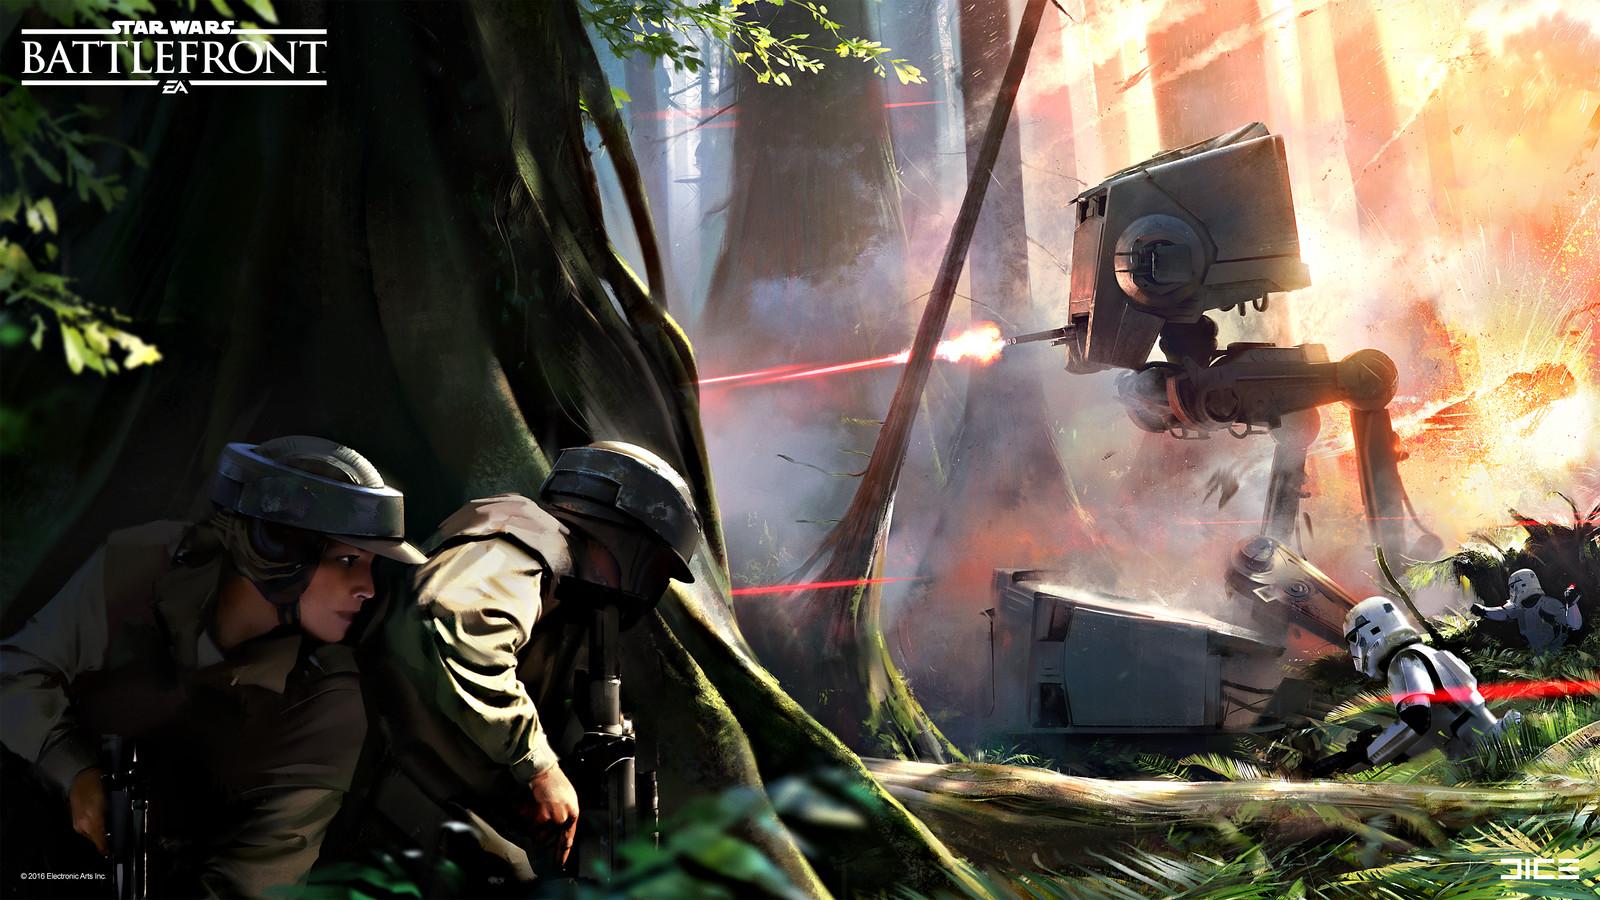 Official Endor Concept Art for the 2015 Star Wars Battlefront game. (2015)